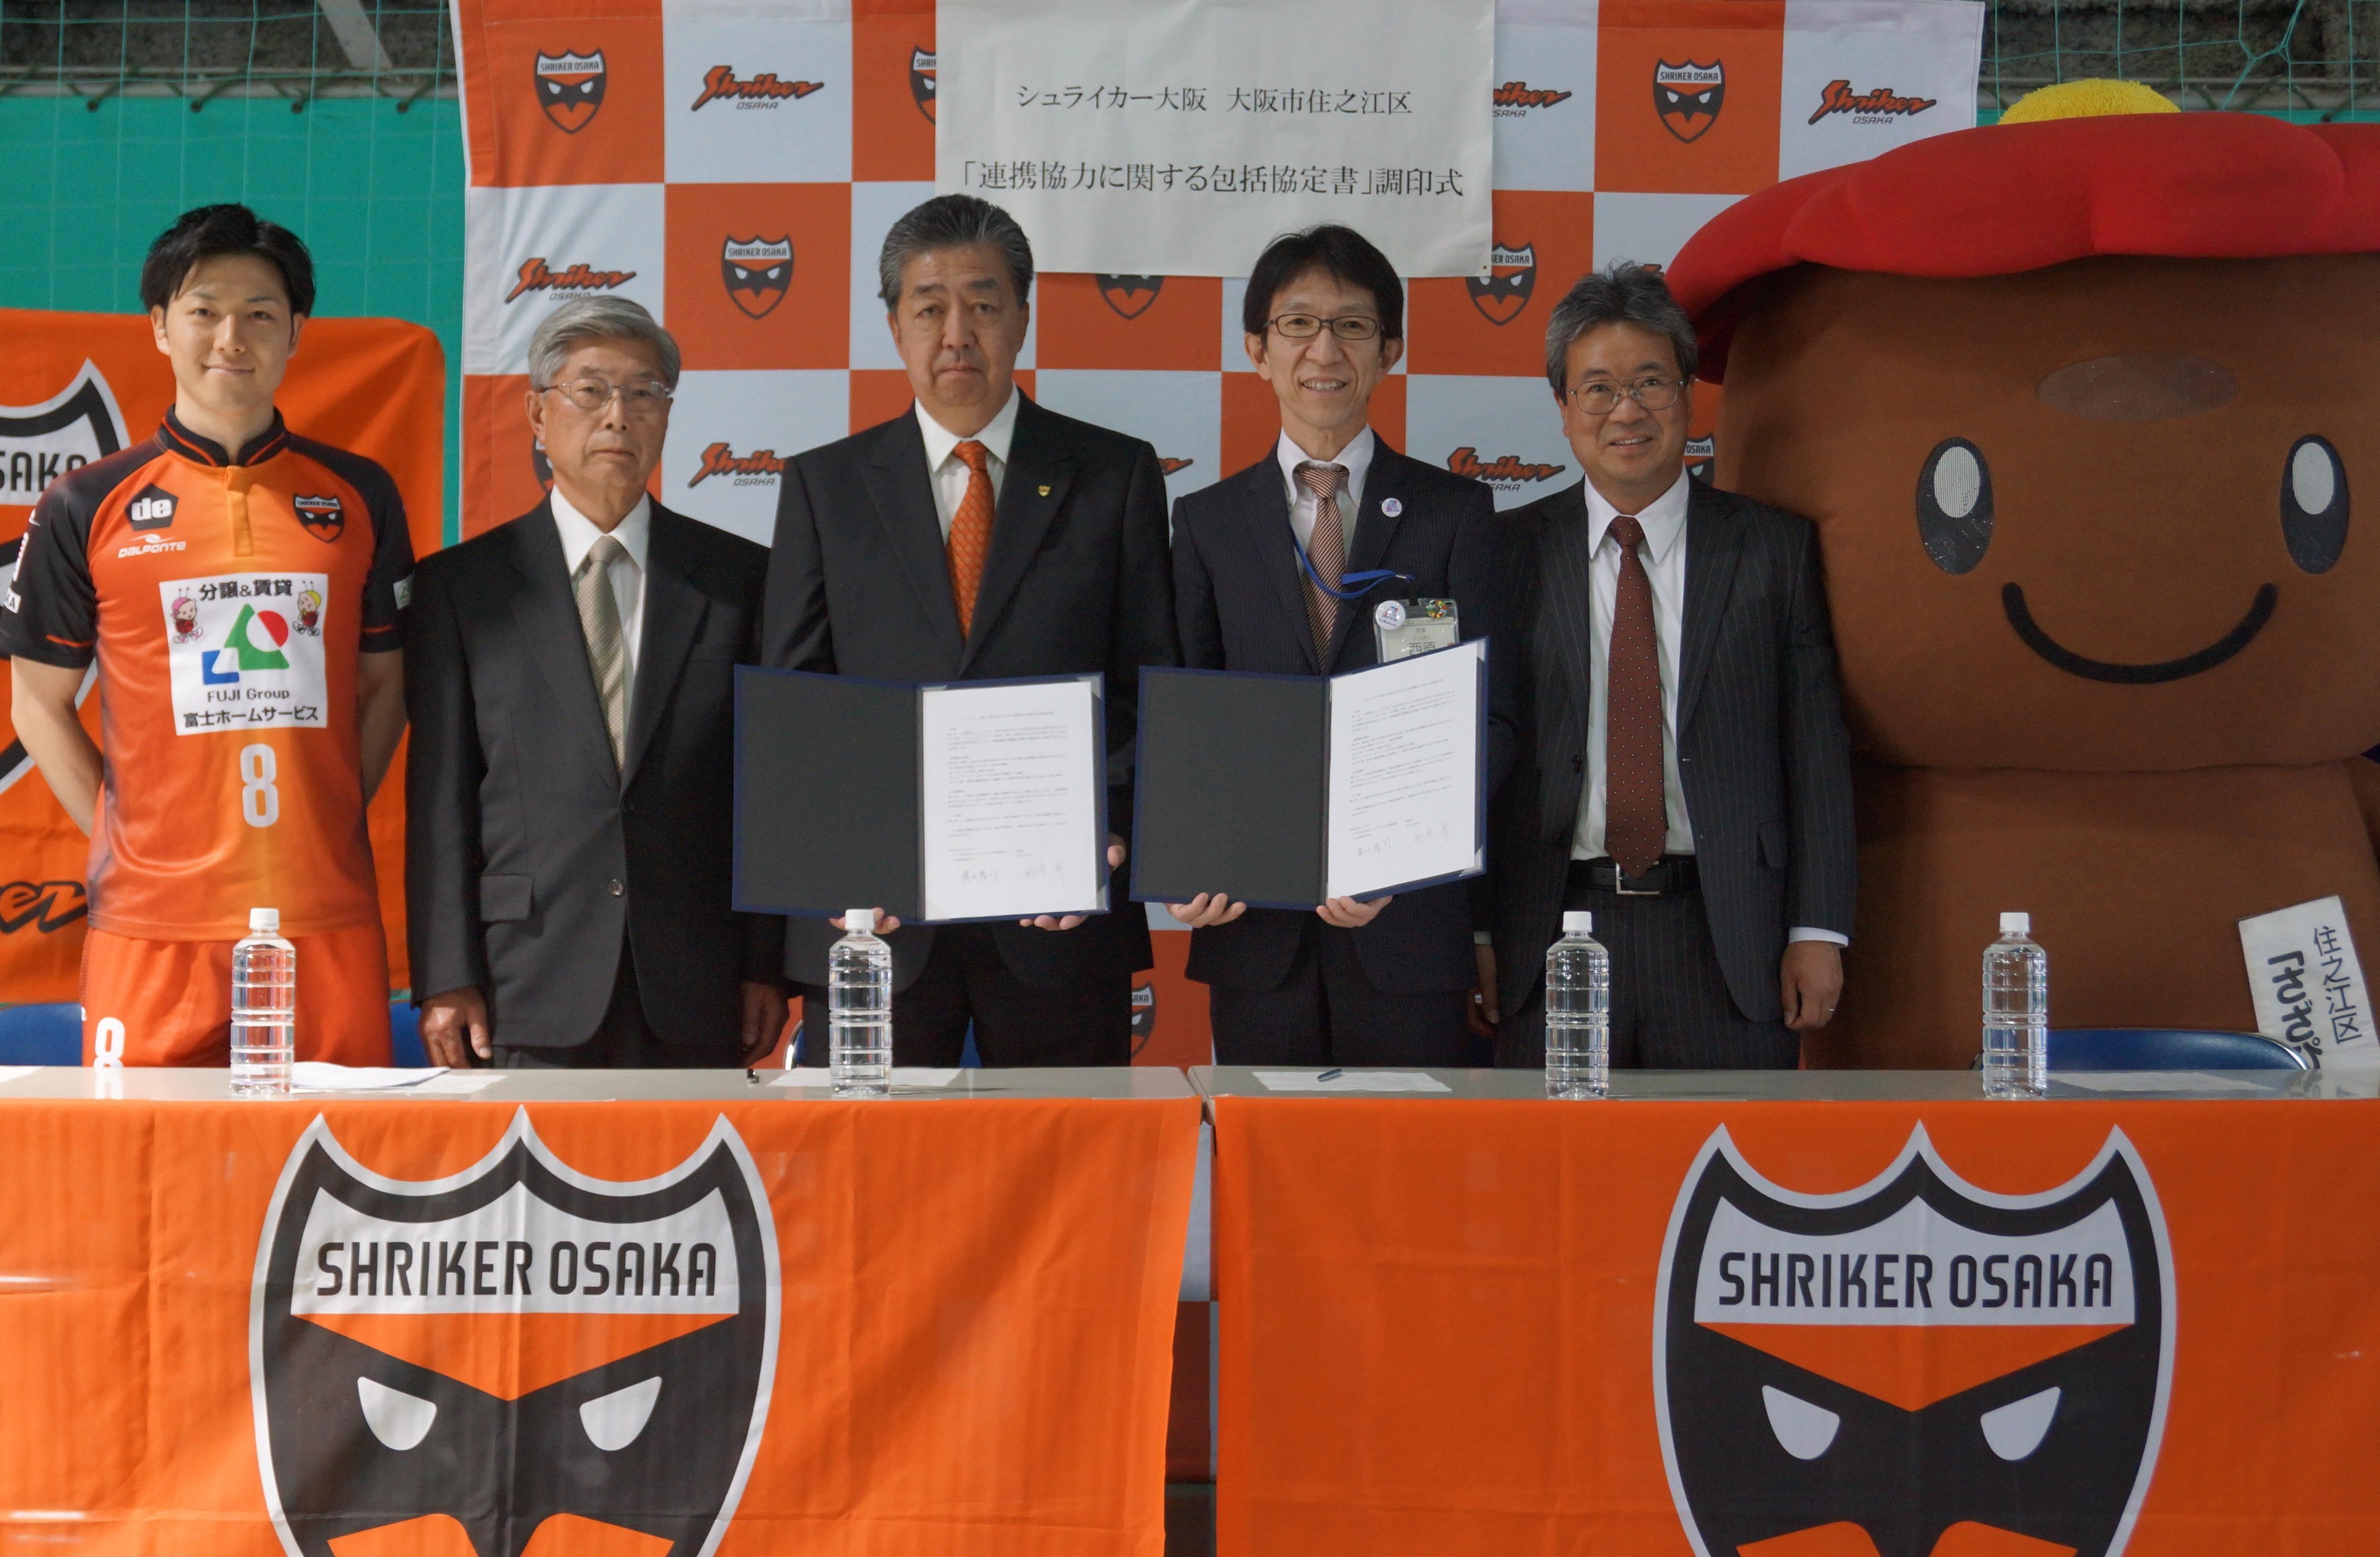 左から加藤選手、山田常務、濵田社長、西原区長、安藤副区長、さざぴーの集合写真